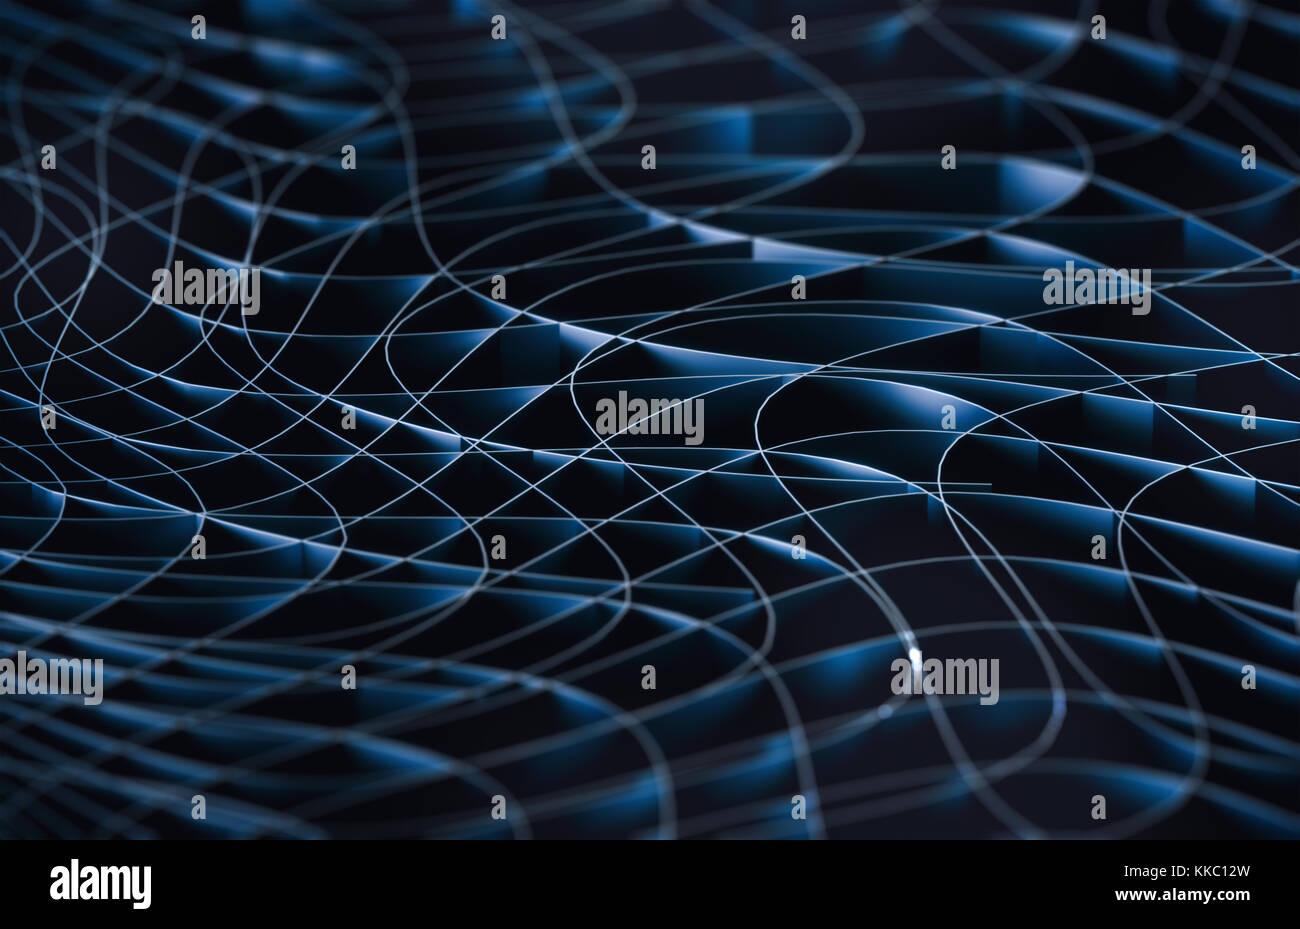 Ilustración 3D. Resumen Antecedentes, conexión y líneas de tecnología. Imagen De Stock